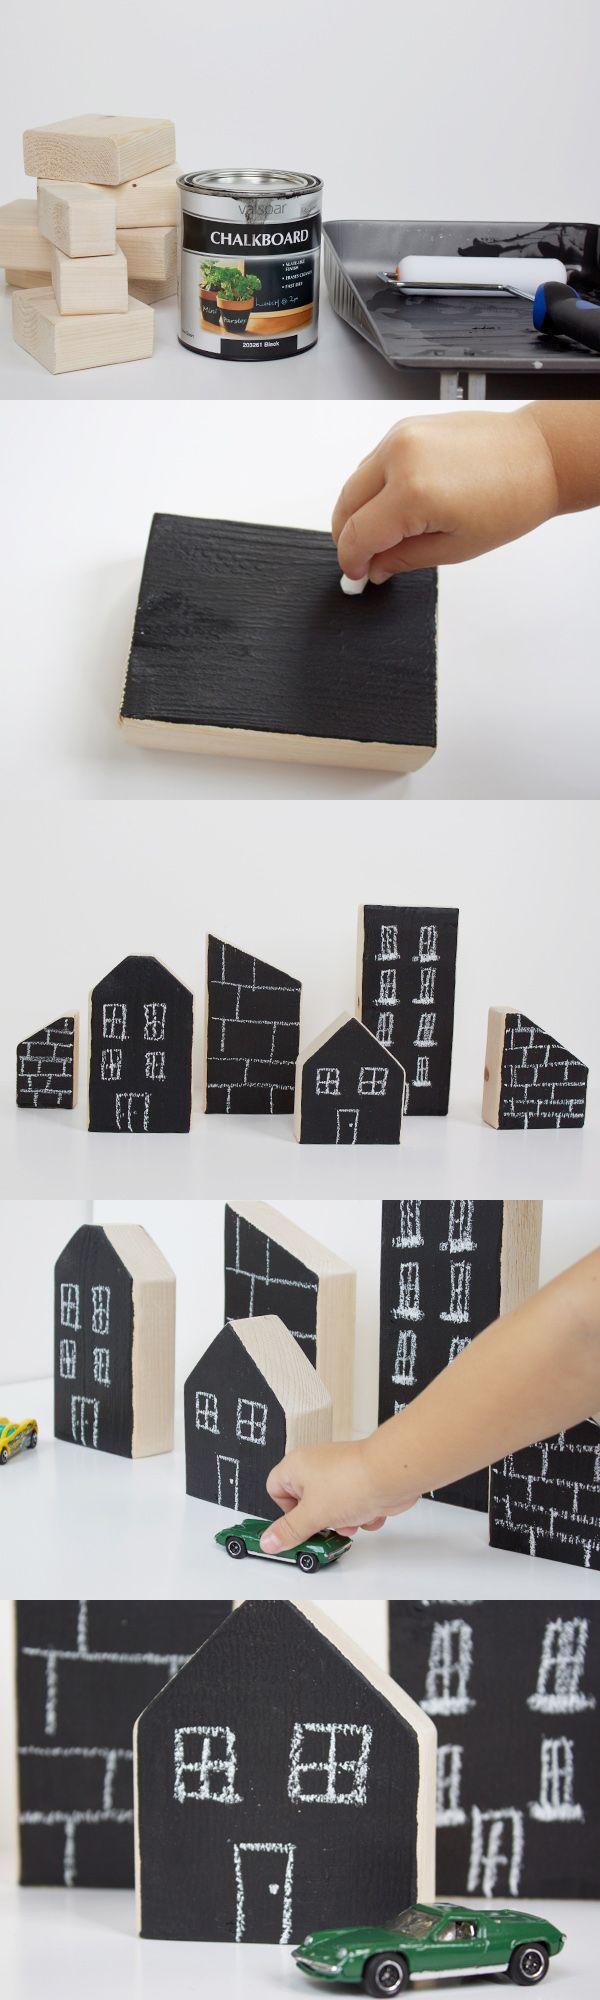 Edificios de juguete con bloques de madera